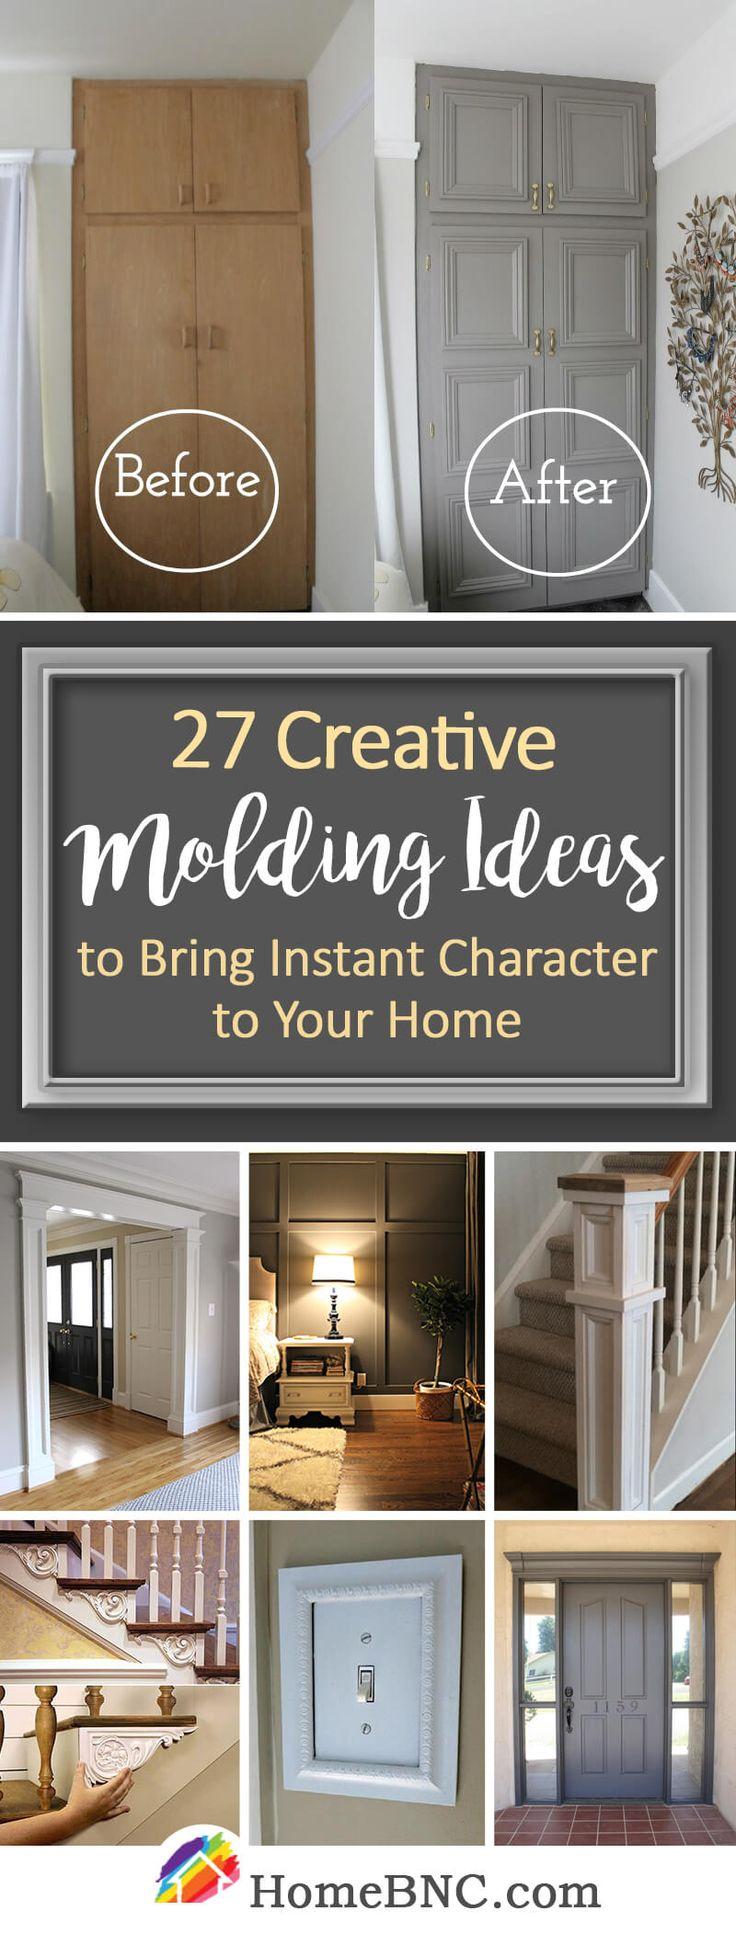 Best 20+ Molding ideas ideas on Pinterest | Baseboard installation ...